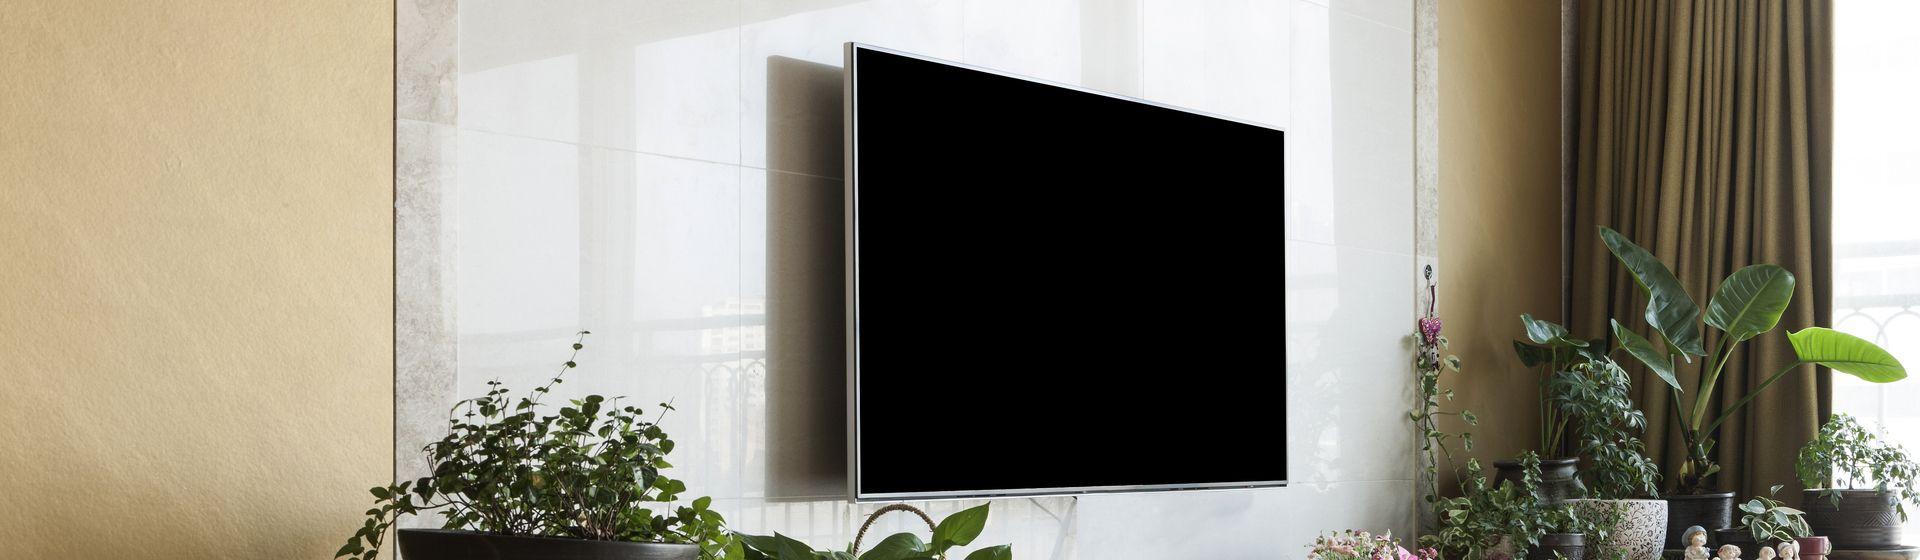 Os 5 melhores suportes para TV e monitor em 2021